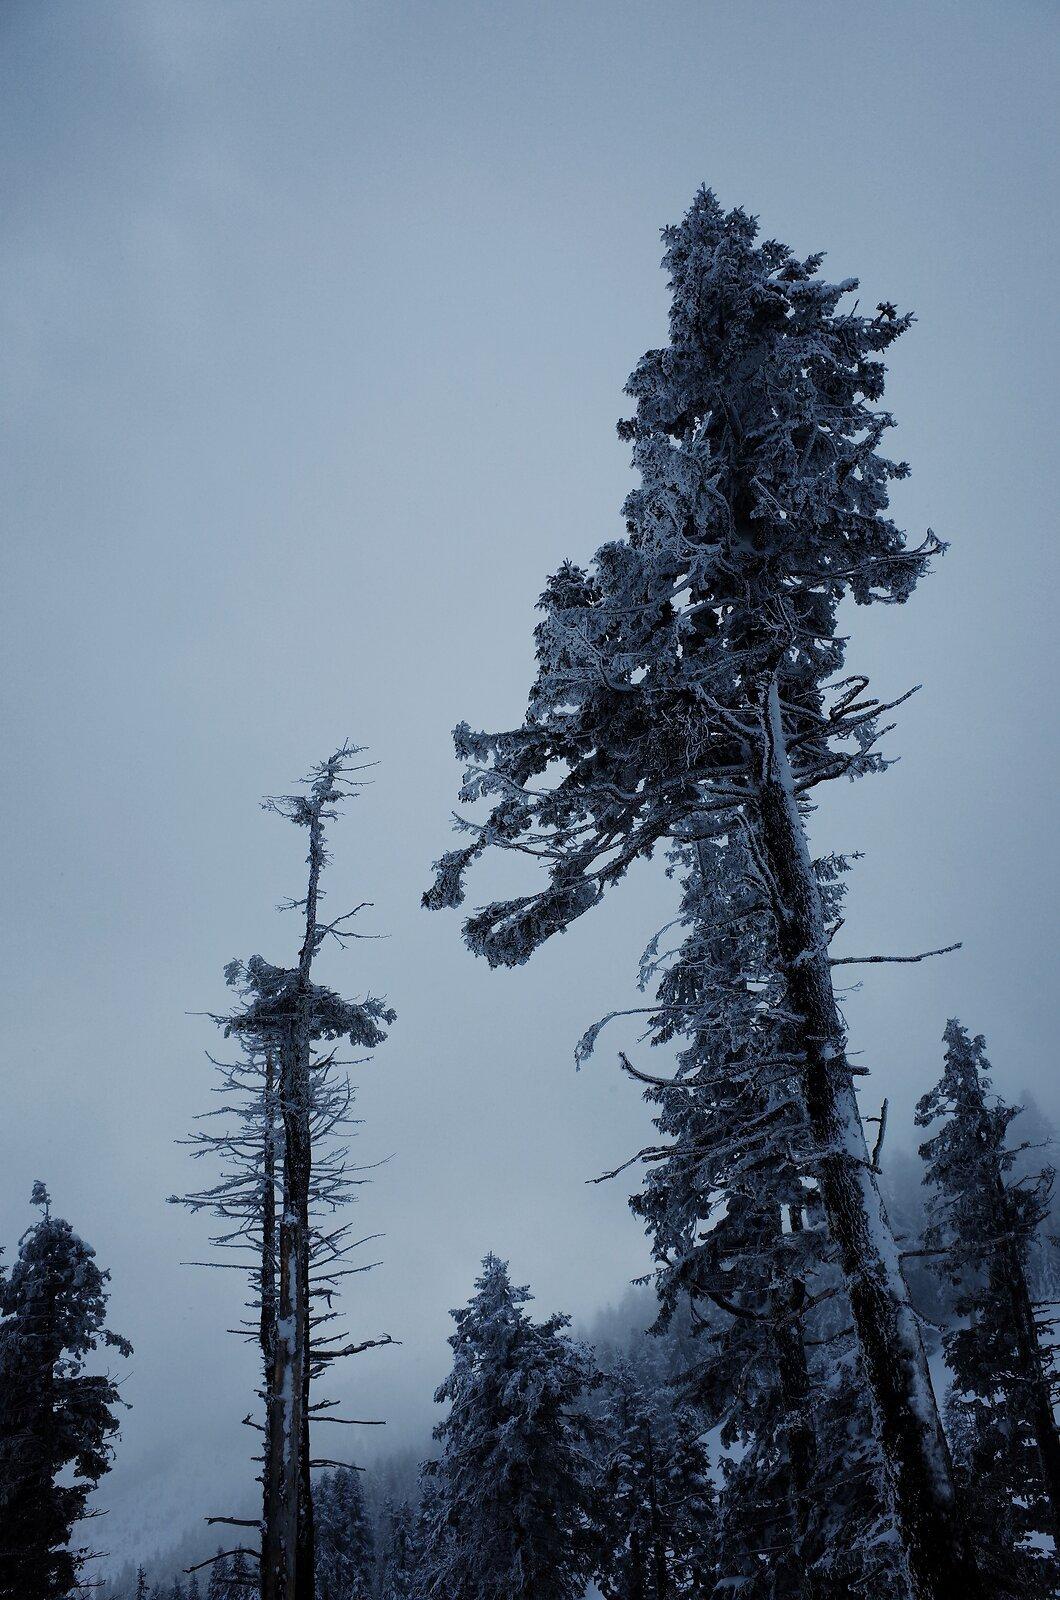 GRII_Feb20_32_Winter_Trees_Mt_Ashland.jpg